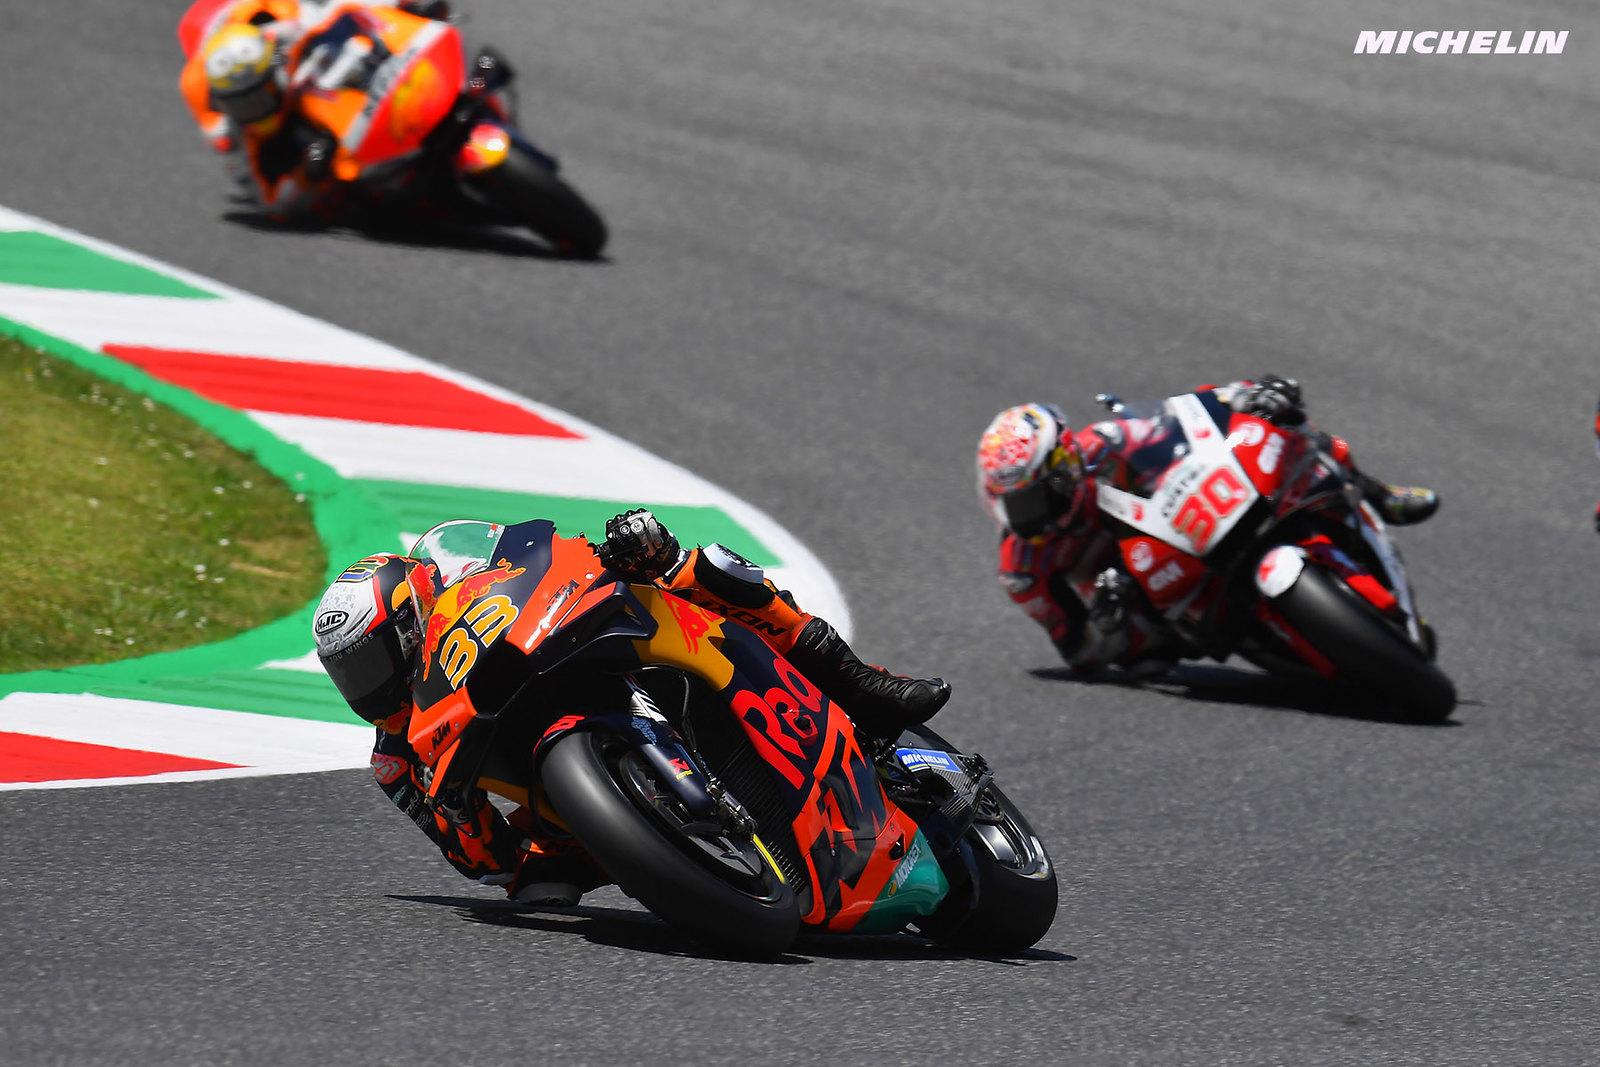 MotoGP2021イタリアGP 5位ブラッド・ビンダー「マルクに突っ込まれてエアバッグが作動した」